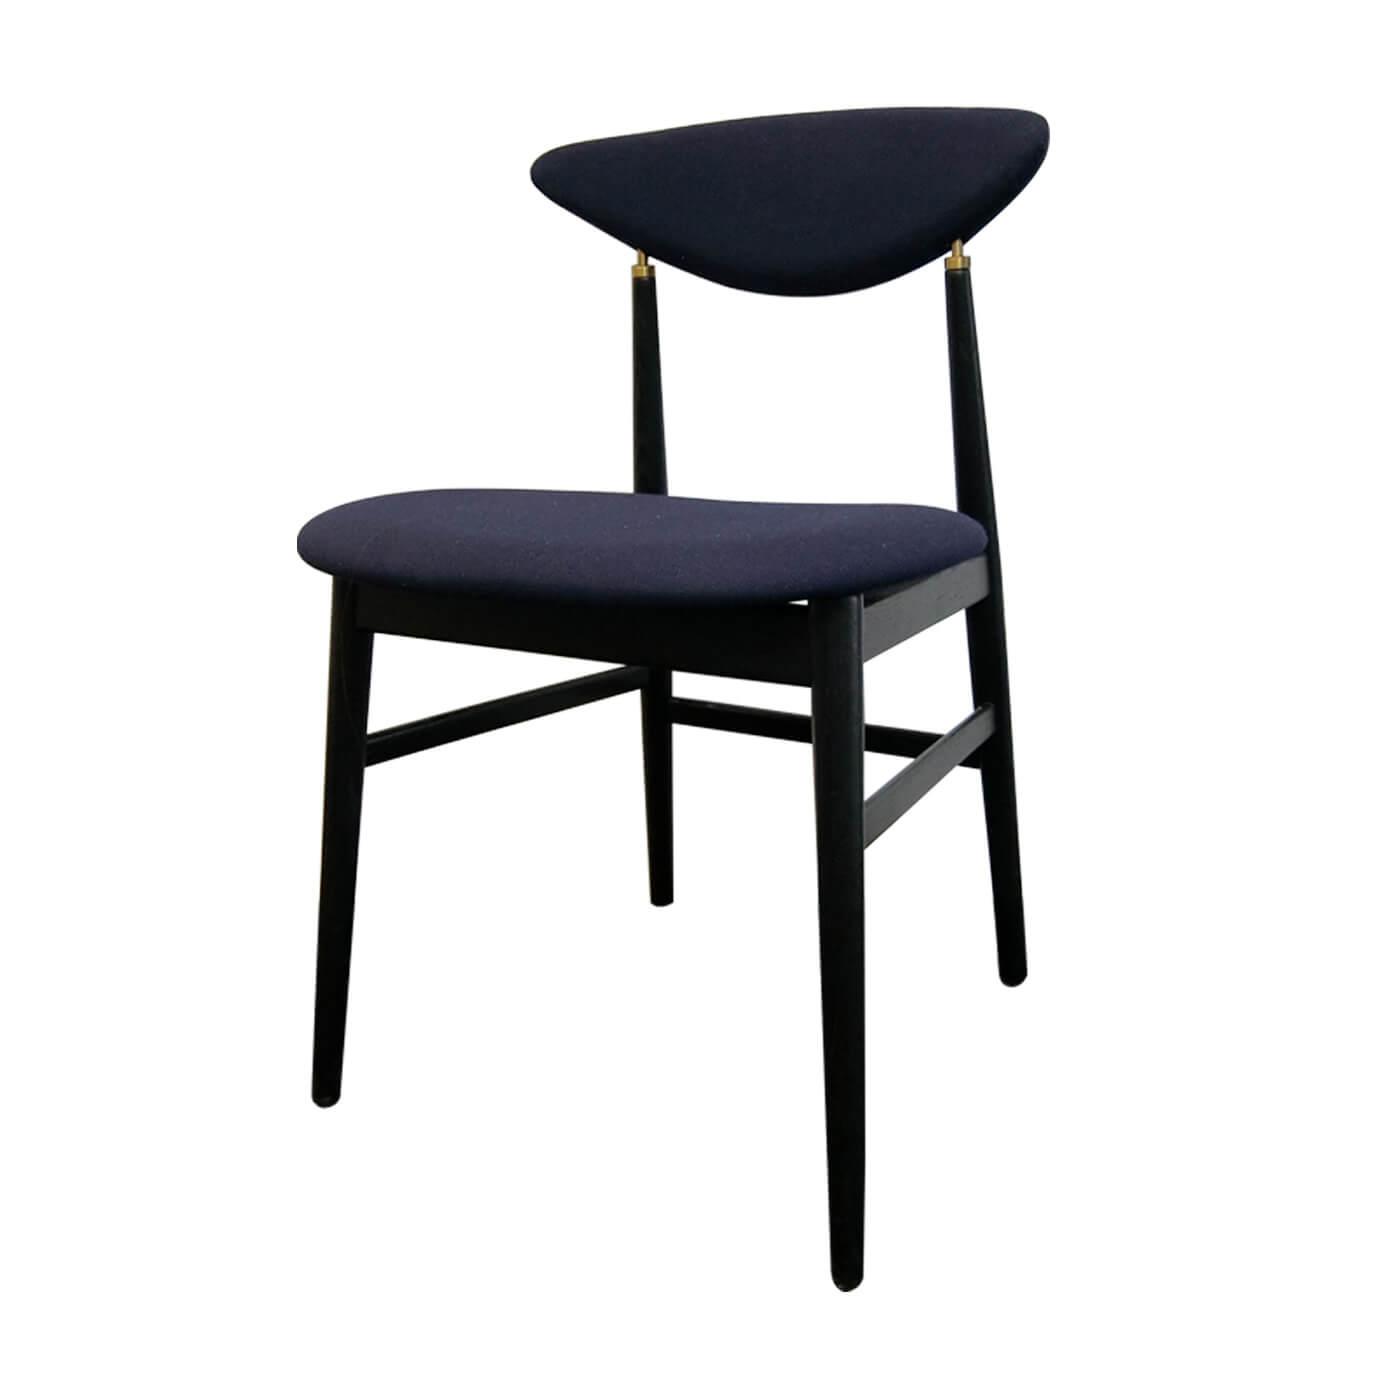 Gubi Gent dining chair